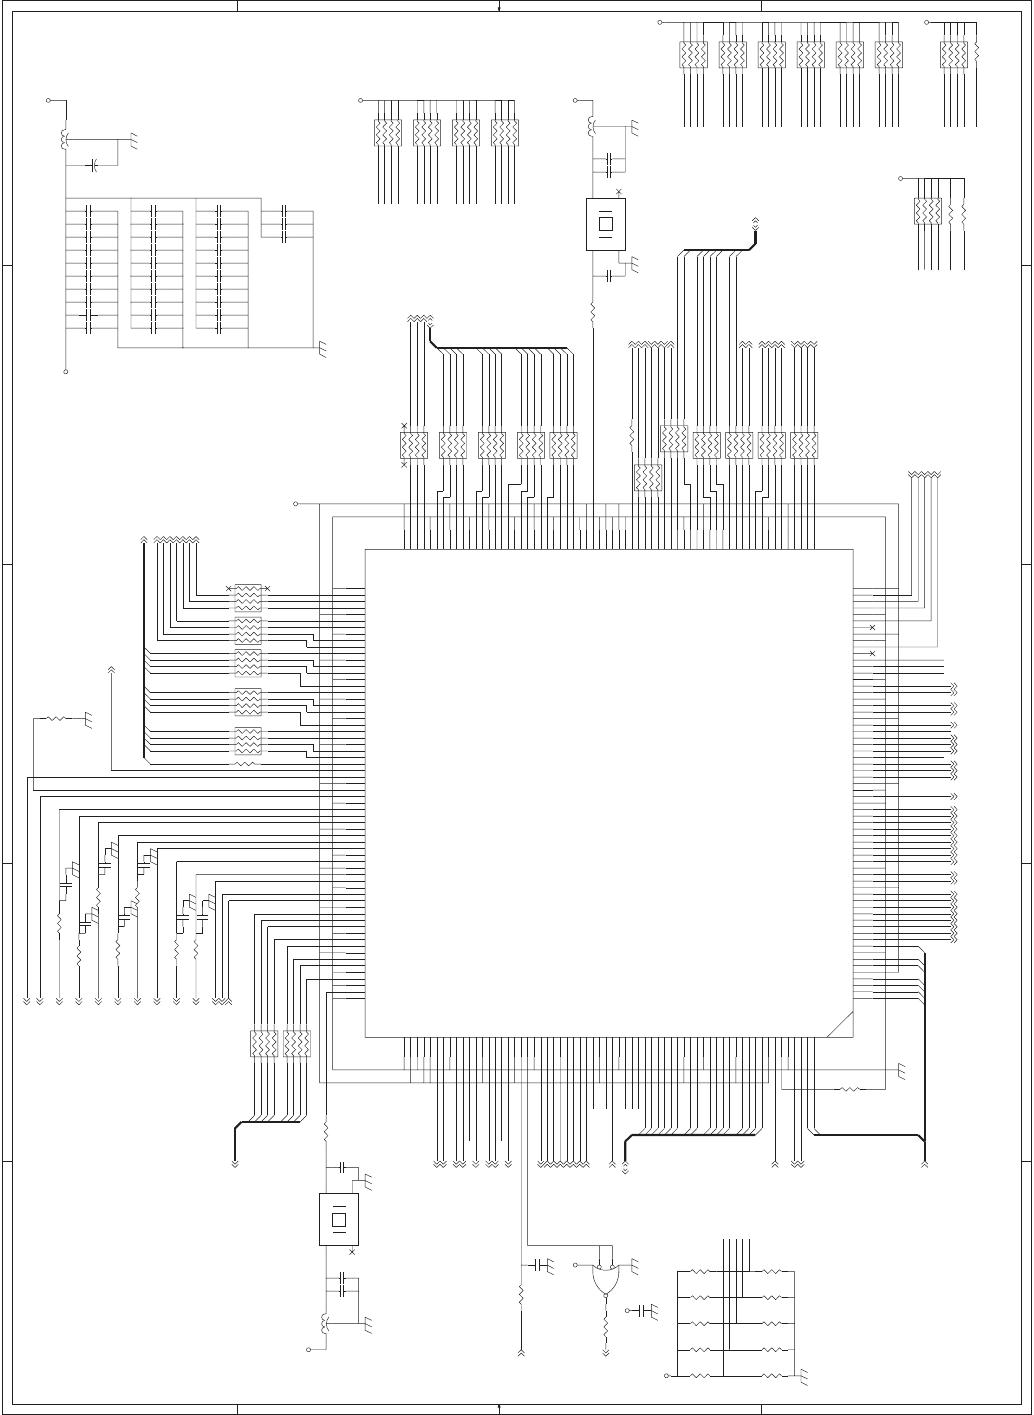 Al 1217 1457 Service Manual Al1217 Has Pulse Delay Suck Close Relay Circuit Controlcircuit Diagram 13 2